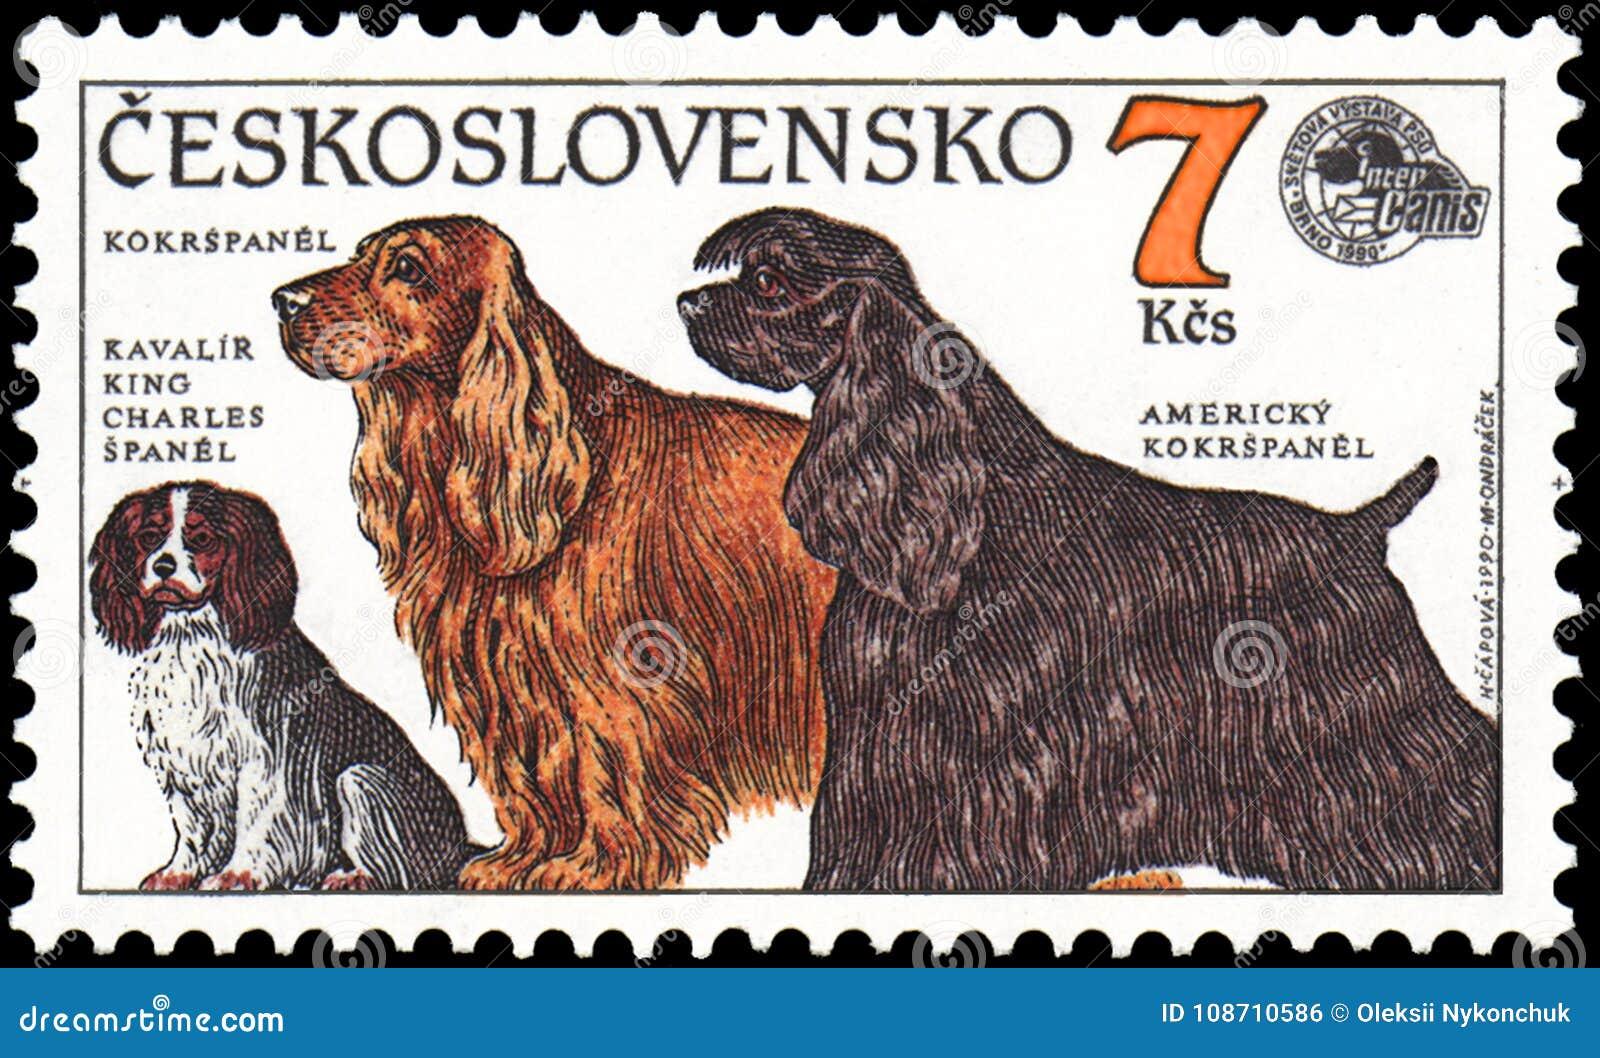 CZECHOSLOVAKIA - OKOŁO 1990: stempluje, drukował w Czechoslovakia, pokazuje psy, Nonszalancki królewiątka Charles spaniel, Cocker